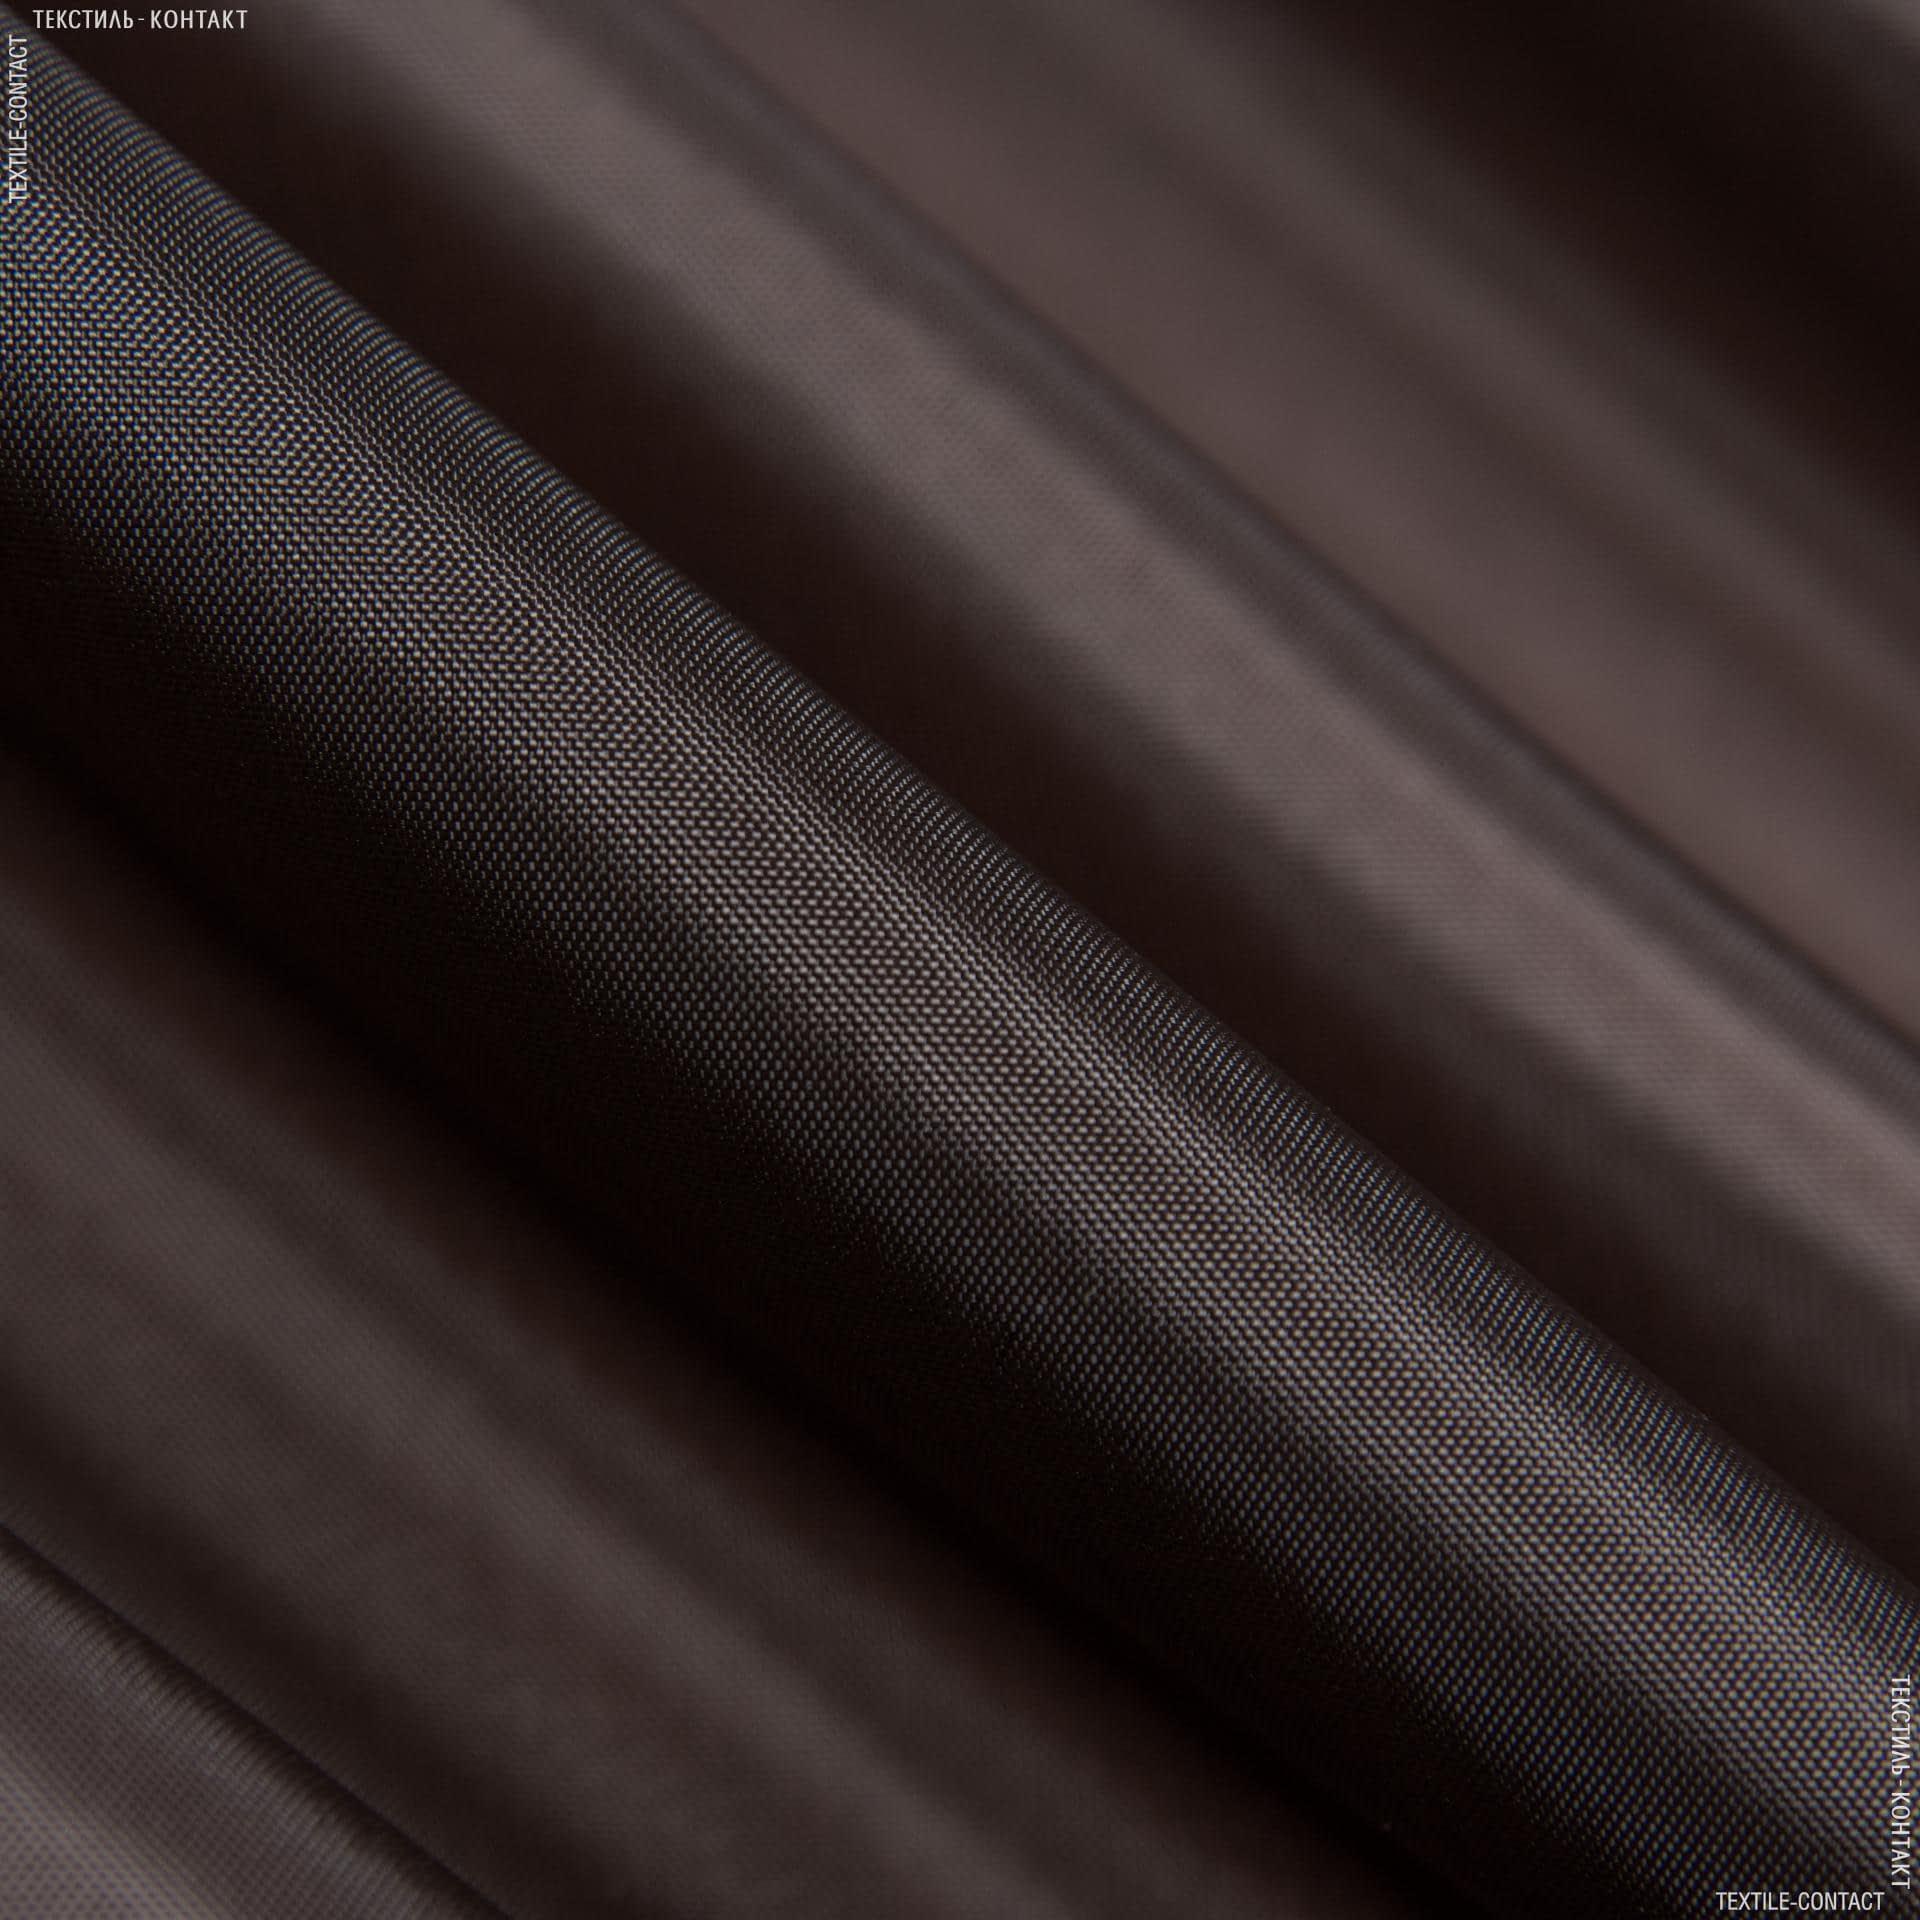 Тканини підкладкова тканина - Підкладка 190т коричневий